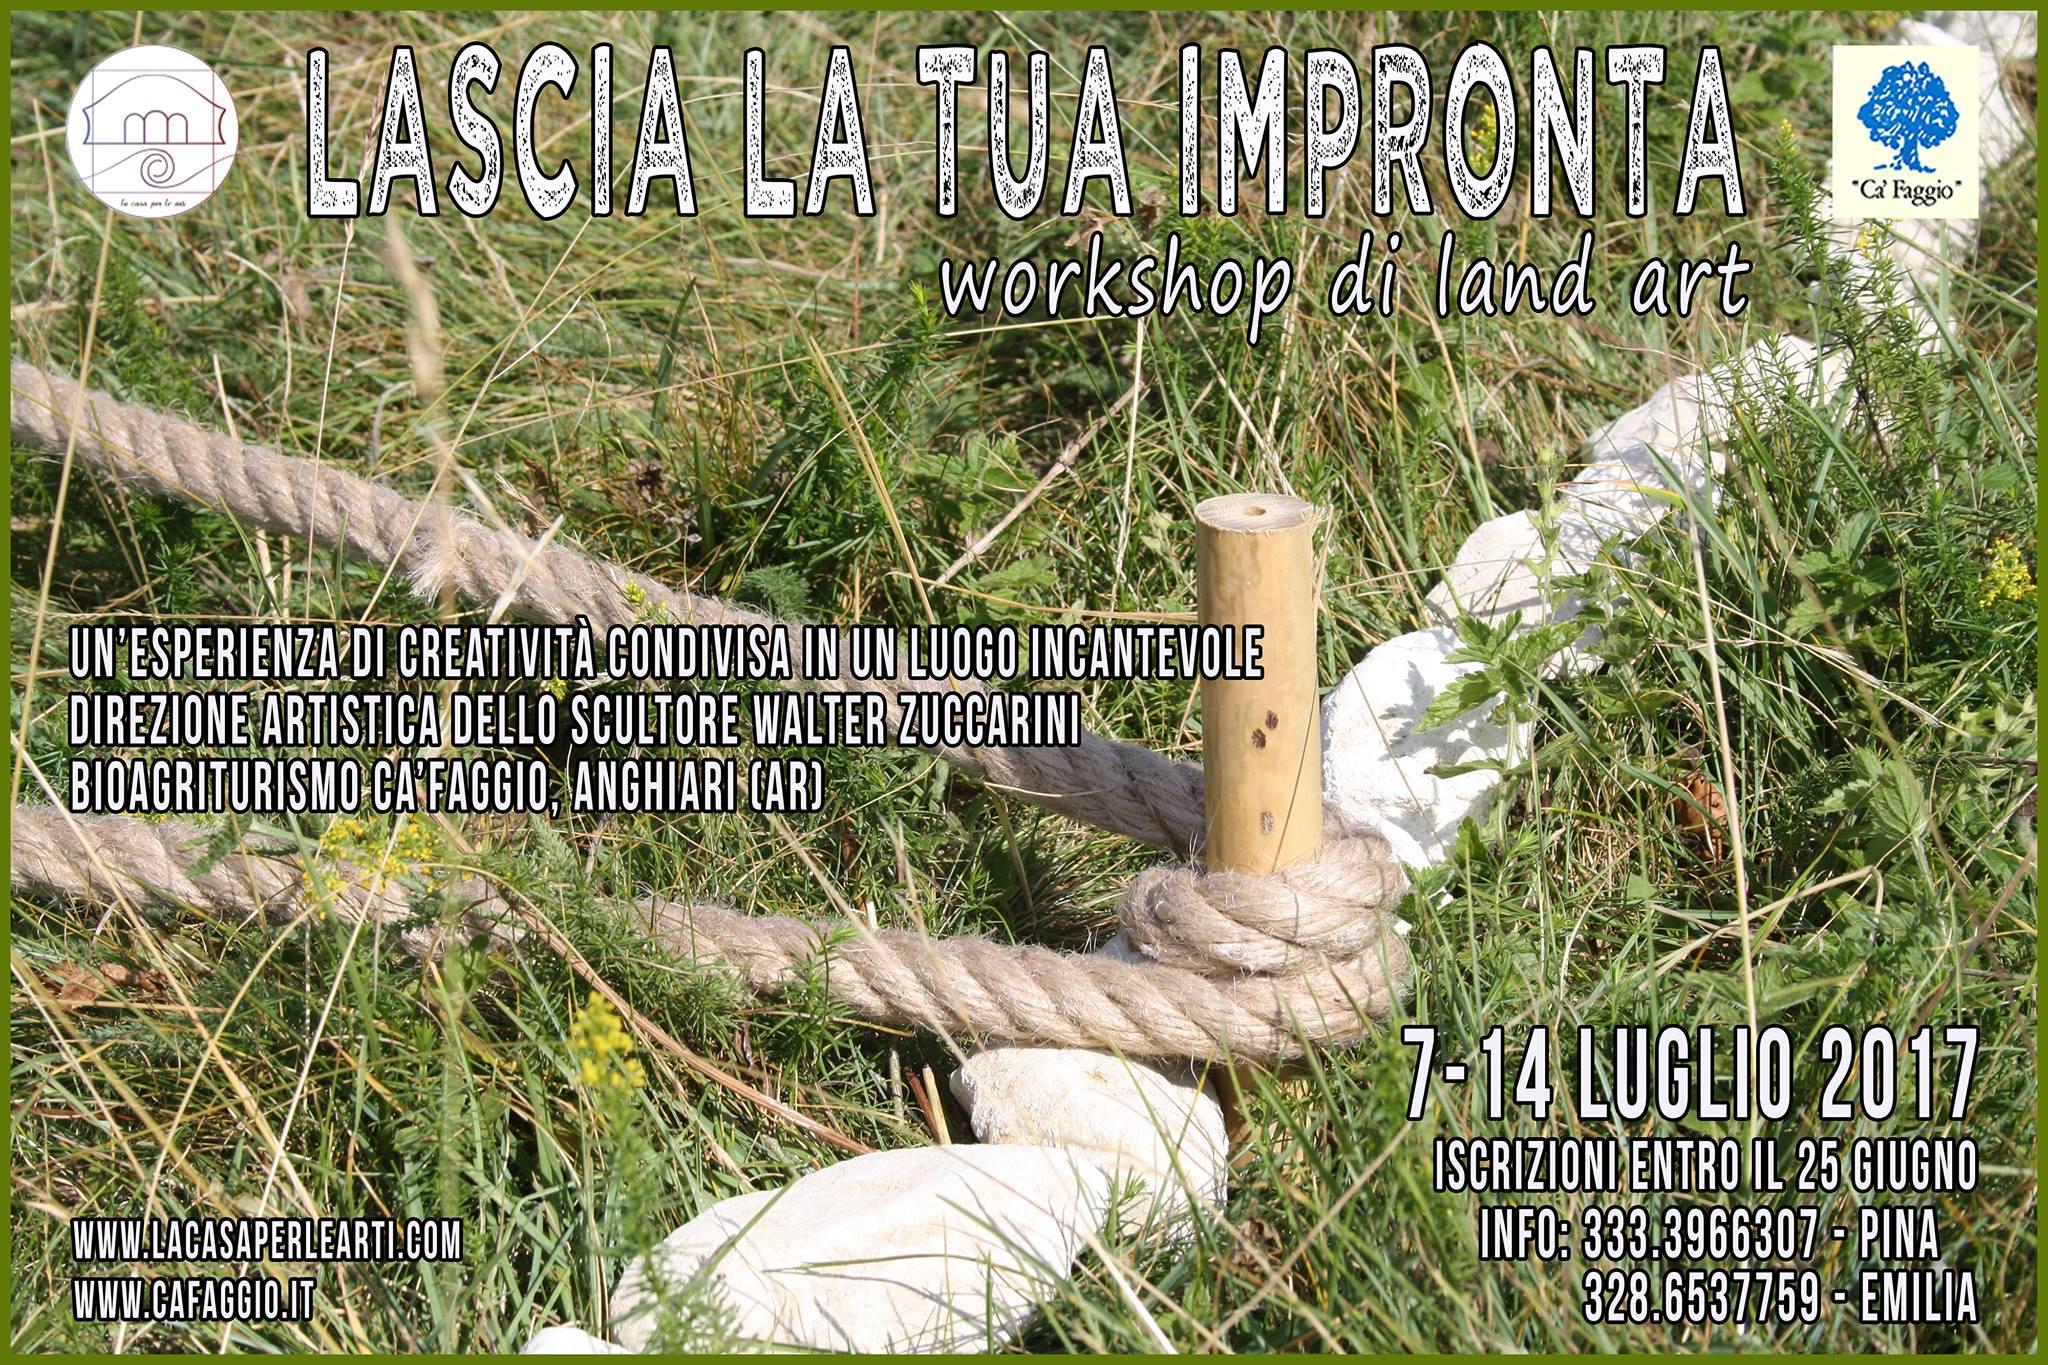 impronta LASCIA LA TUA IMPRONTA   laboratorio di Land Art, 7/14 luglio presso Agriturismo Cà Faggio Anghiari land art laboratorio land art cà faggio